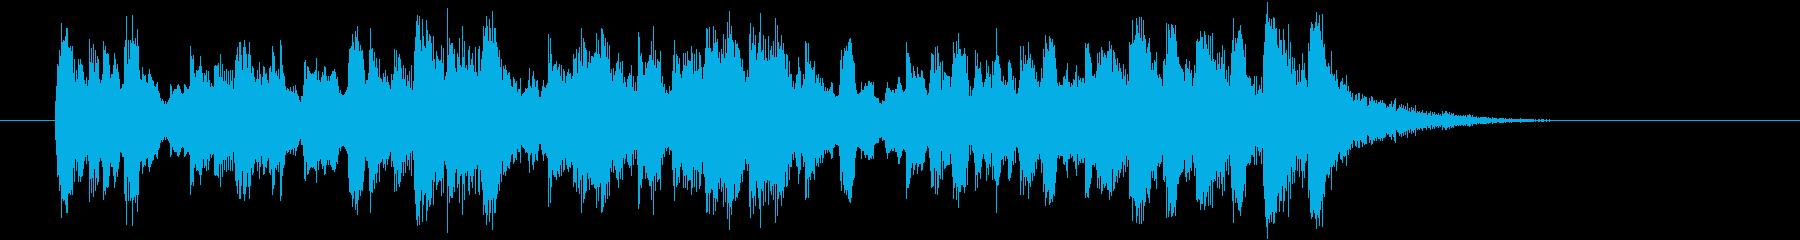 シンセサイザーの爽快感のあるジングルの再生済みの波形